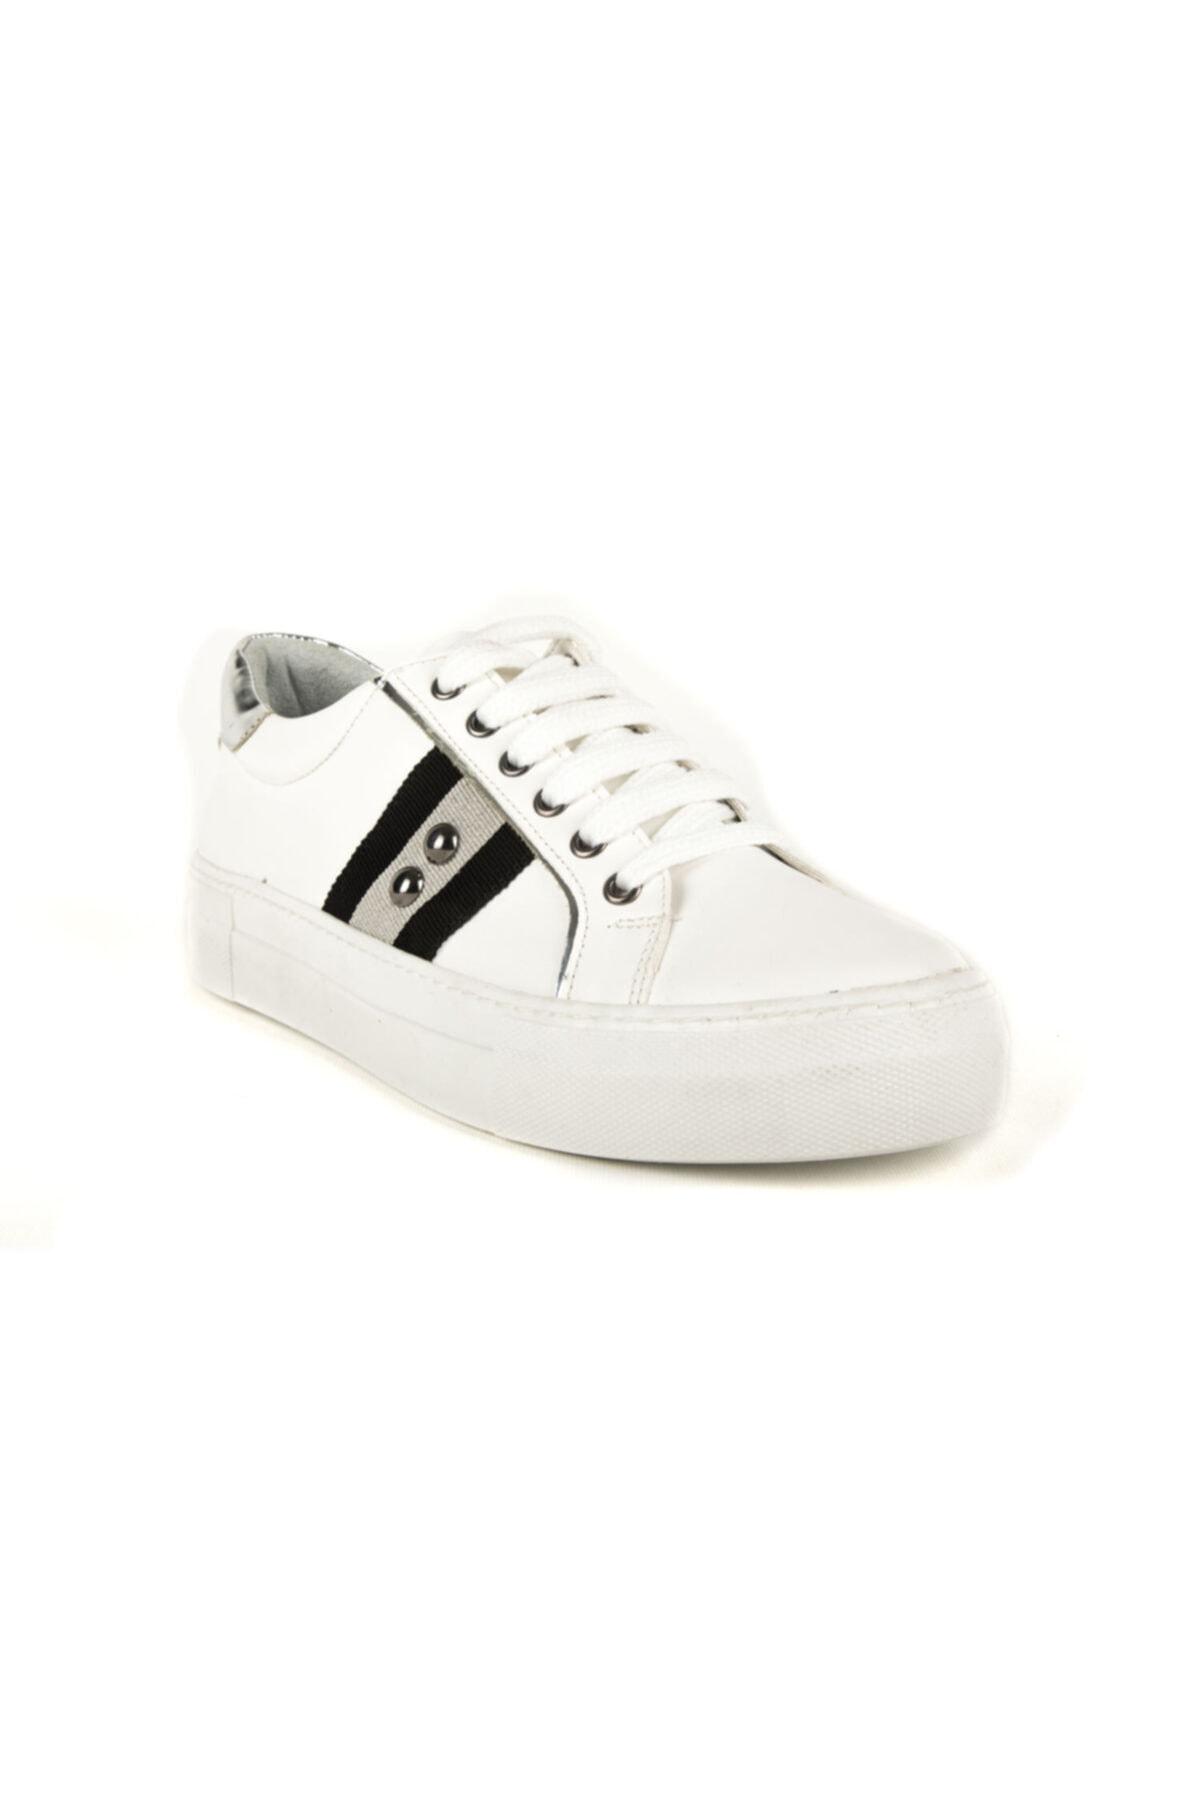 DİVUM Beyaz Spor Ayakkabı 2